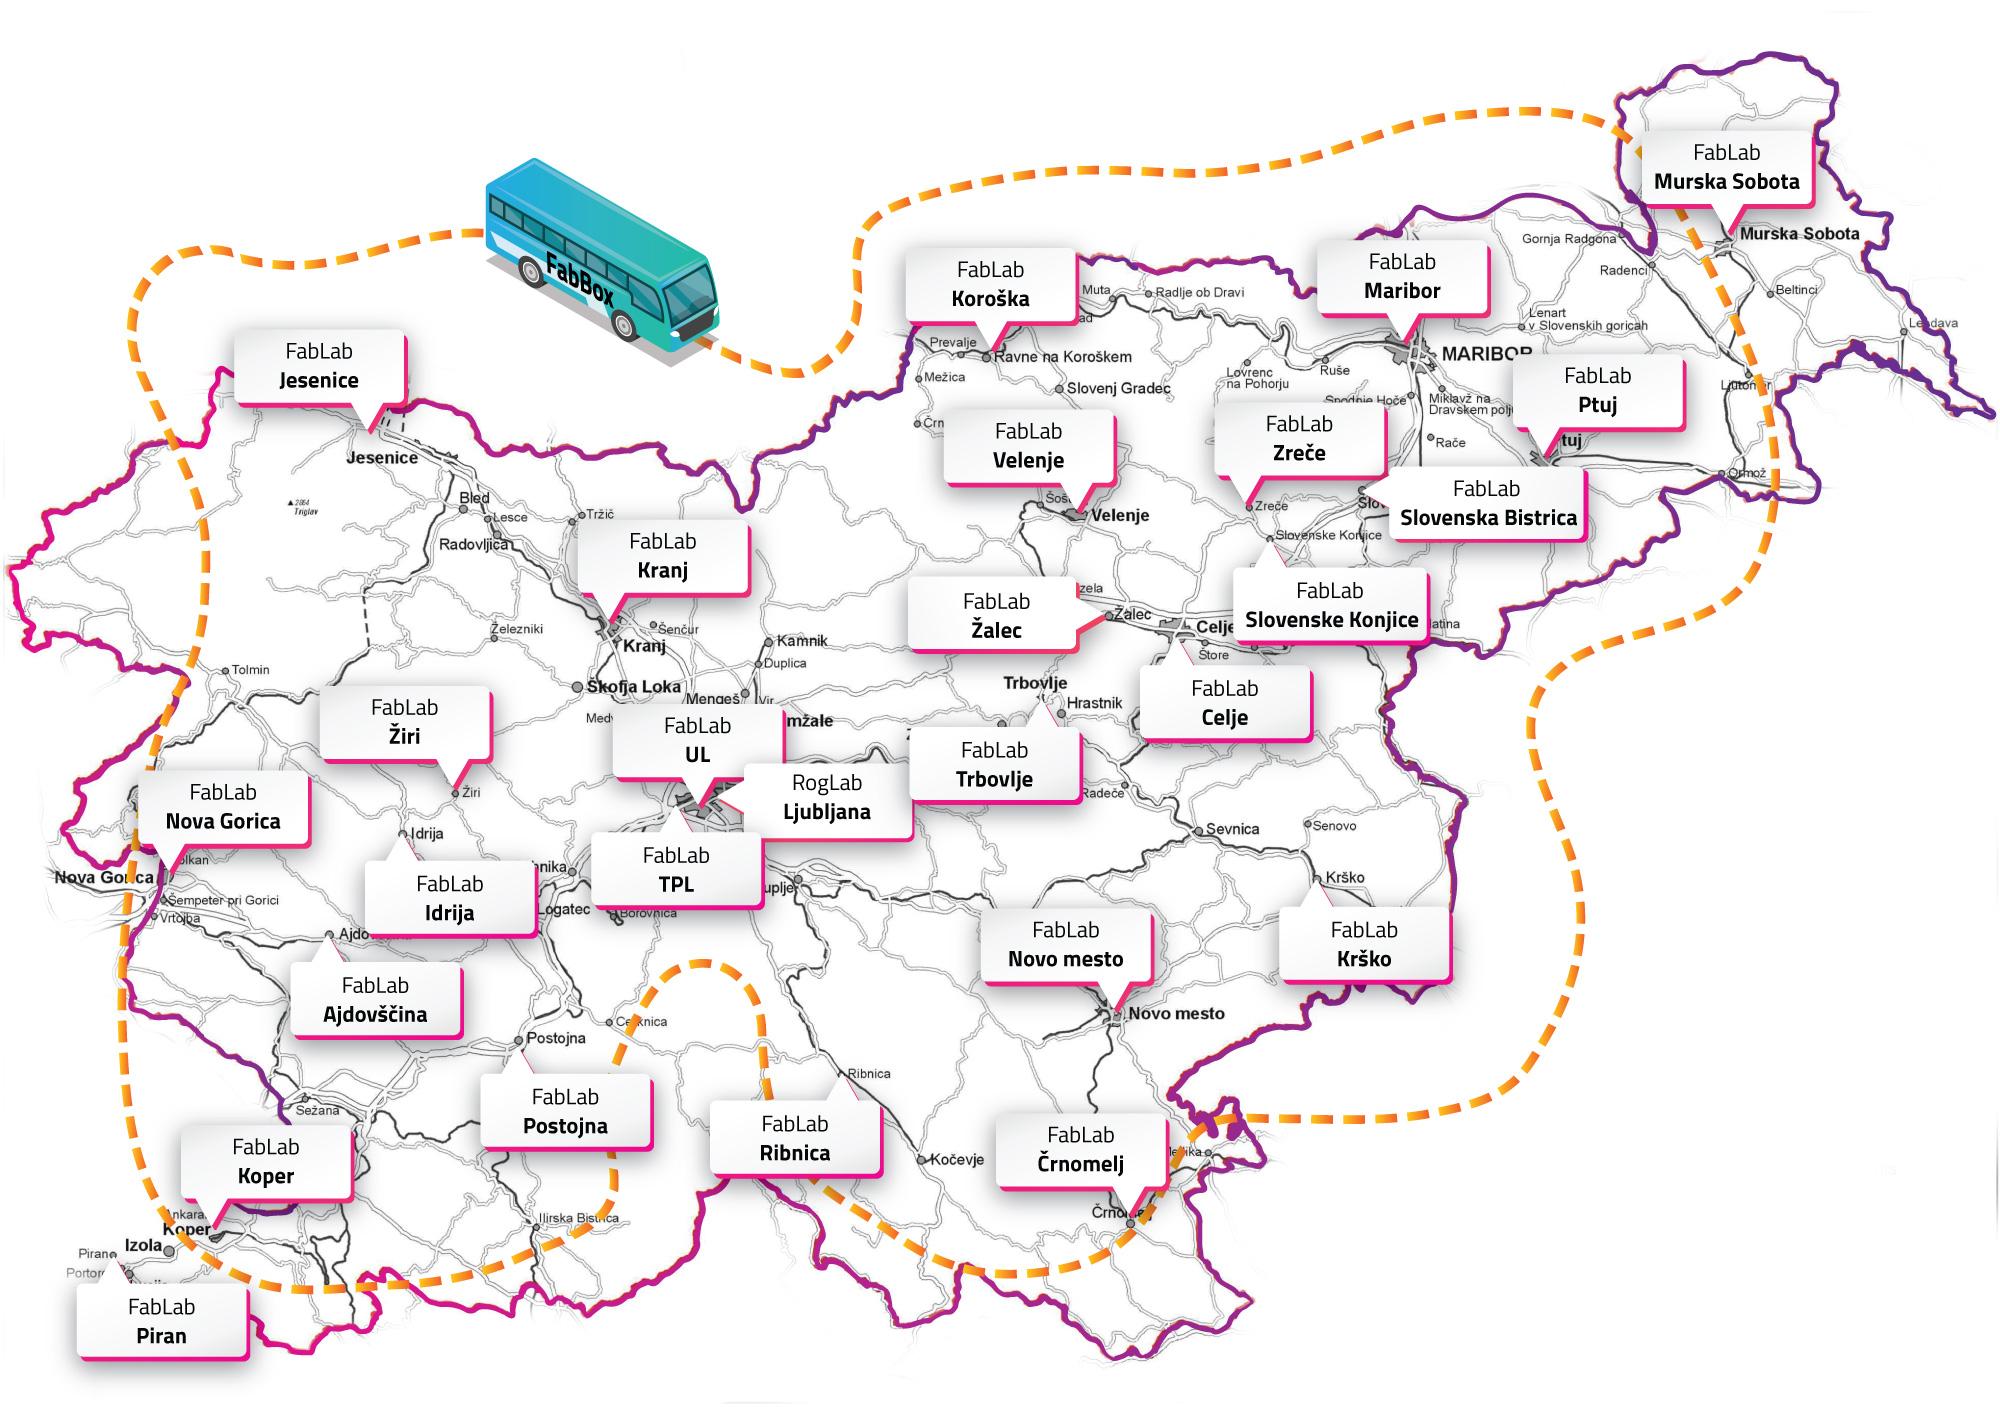 Oddajte projektni izziv na spletni strani FabLab mreže Slovenija